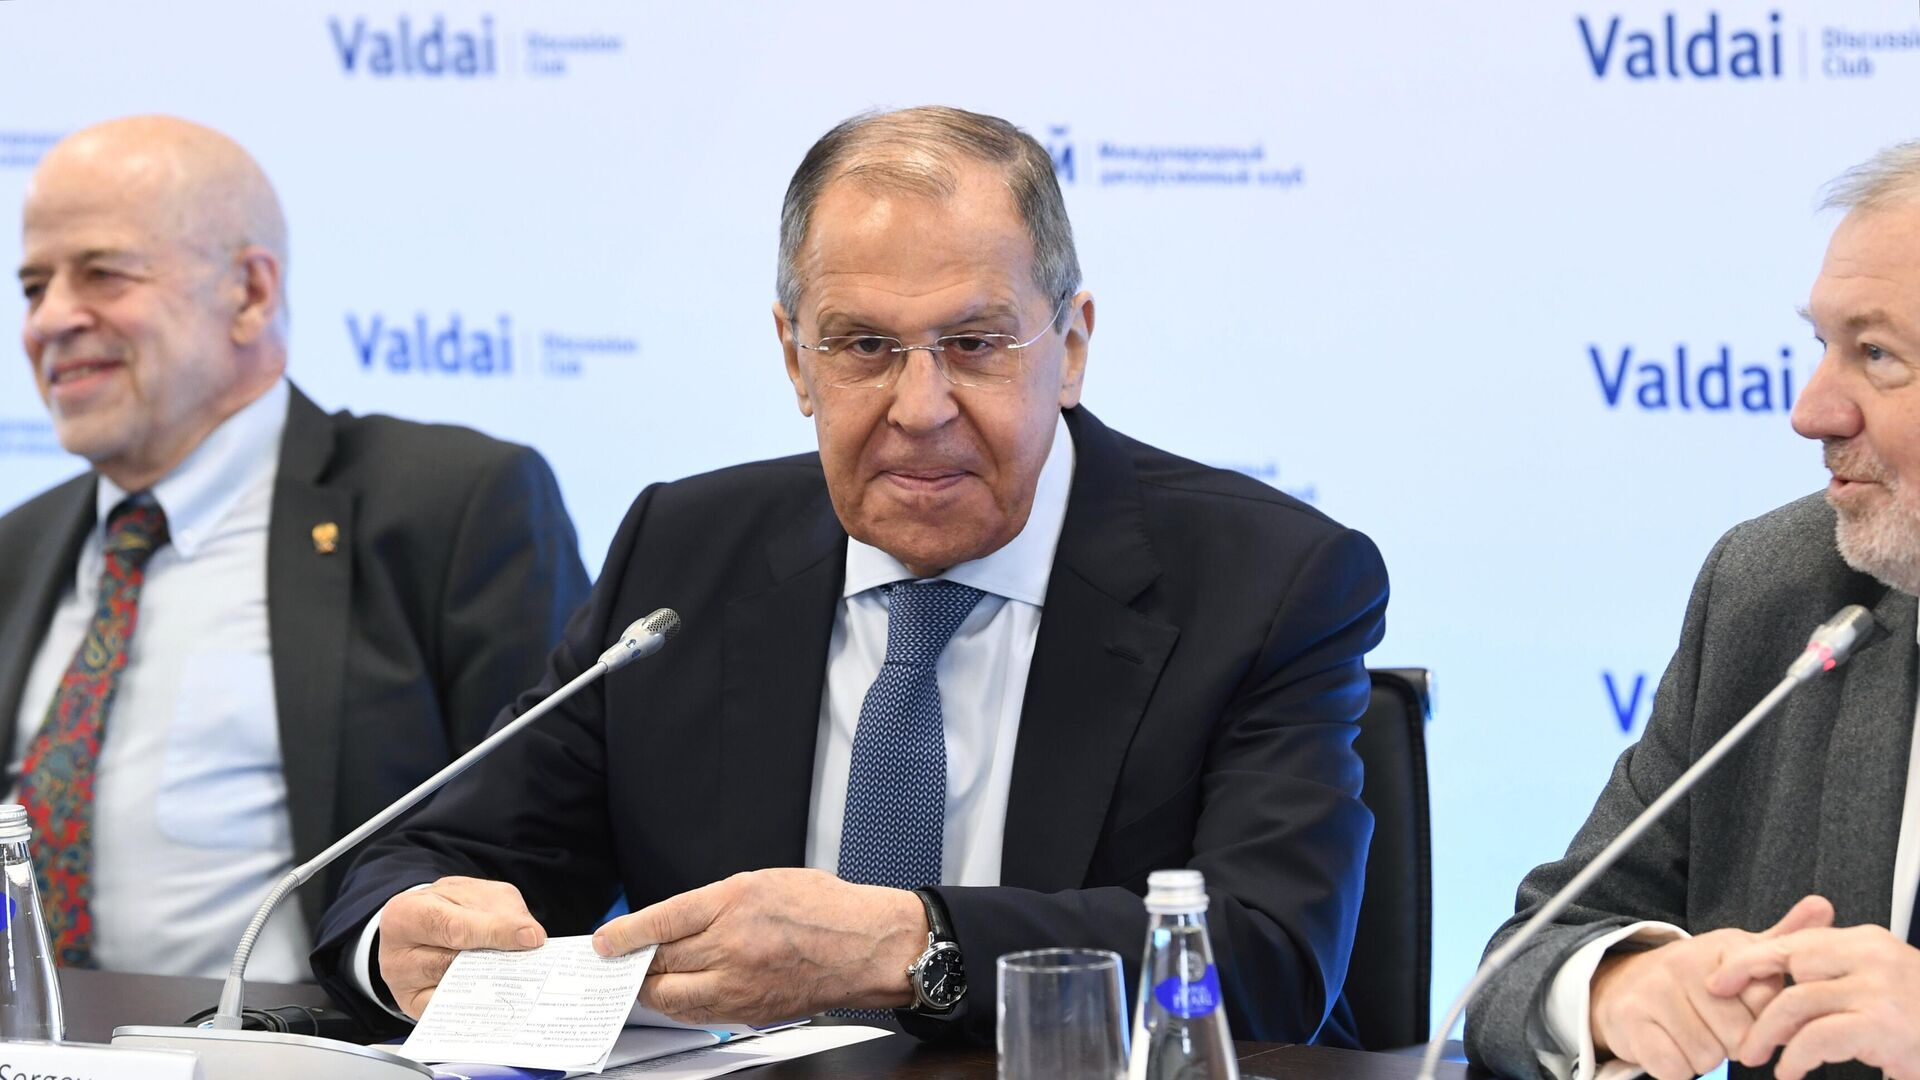 Лавров сыронизировал над корреспондентом BBC во время пресс-конференции